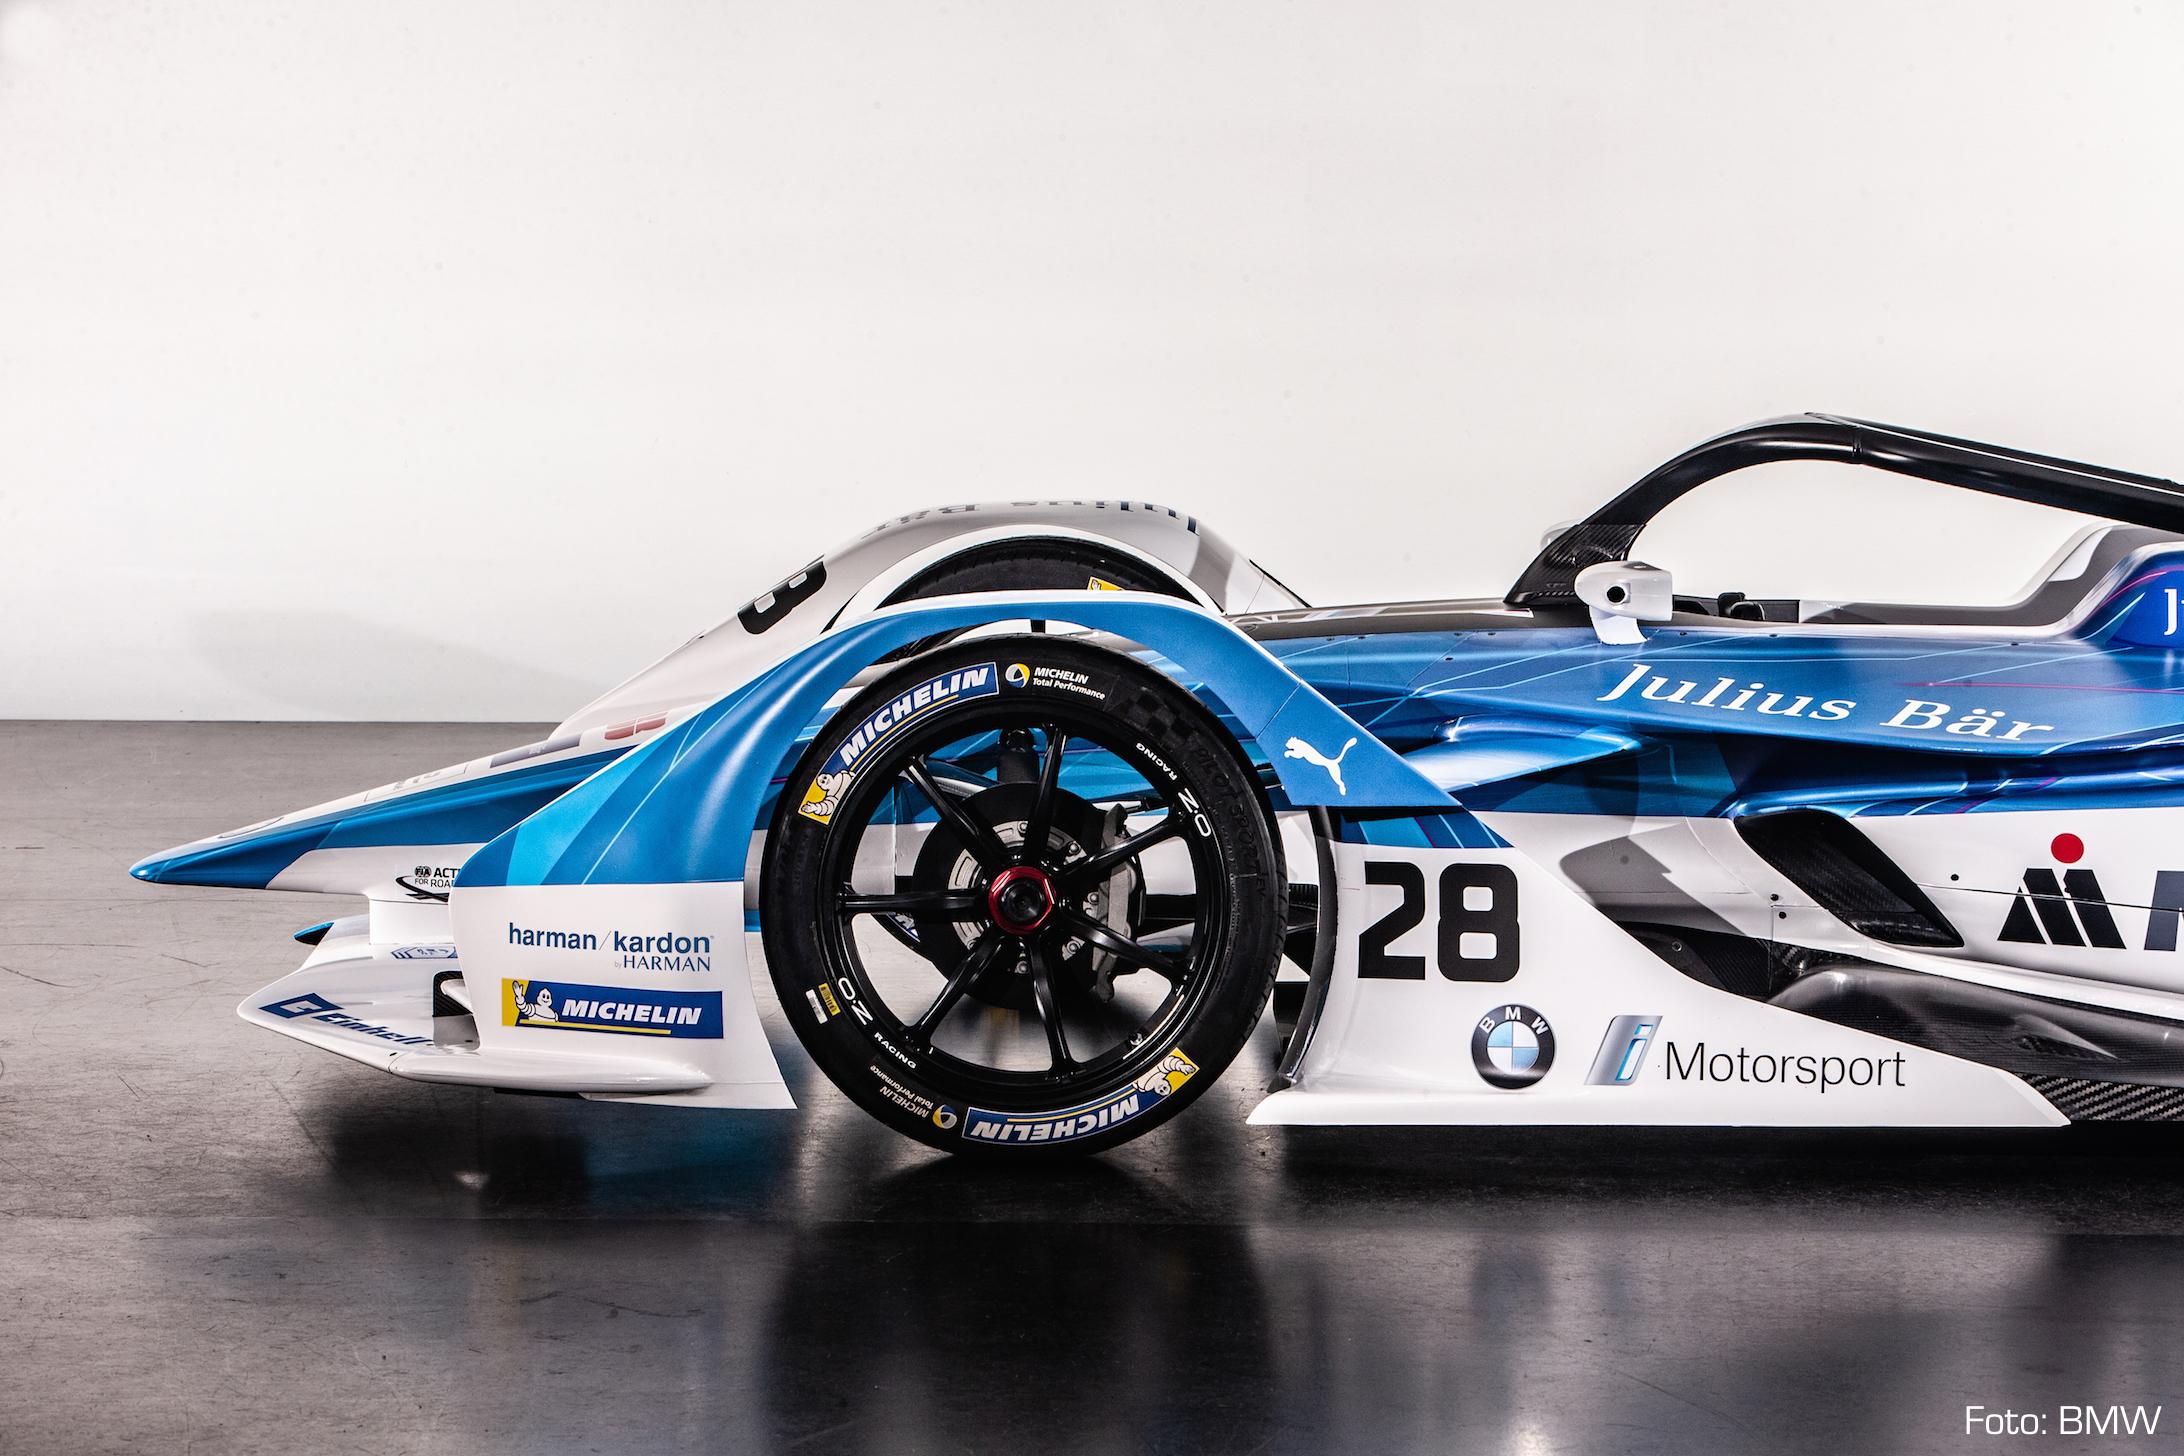 formel e: bmw zeigt neues auto und team - motorfuture